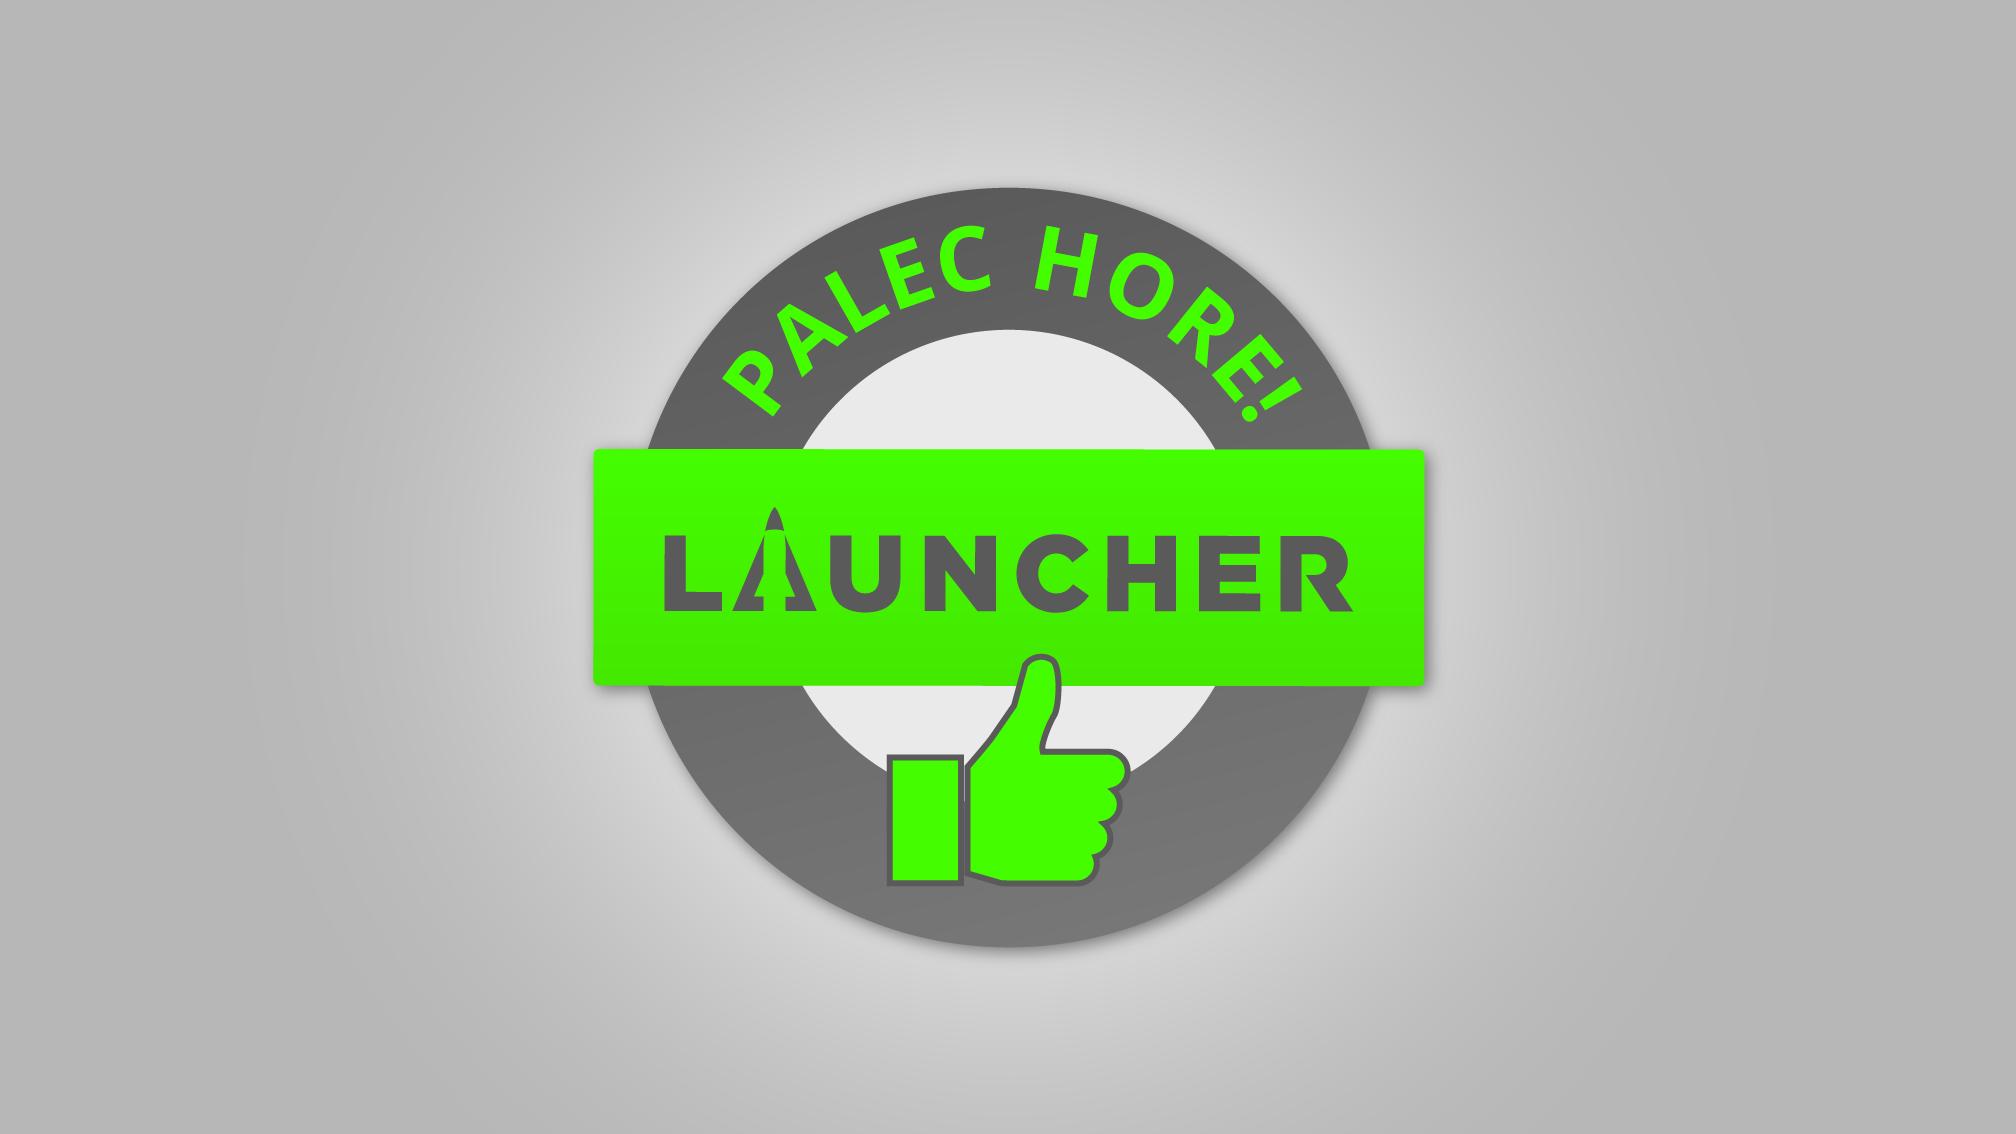 palec_hore_launcher